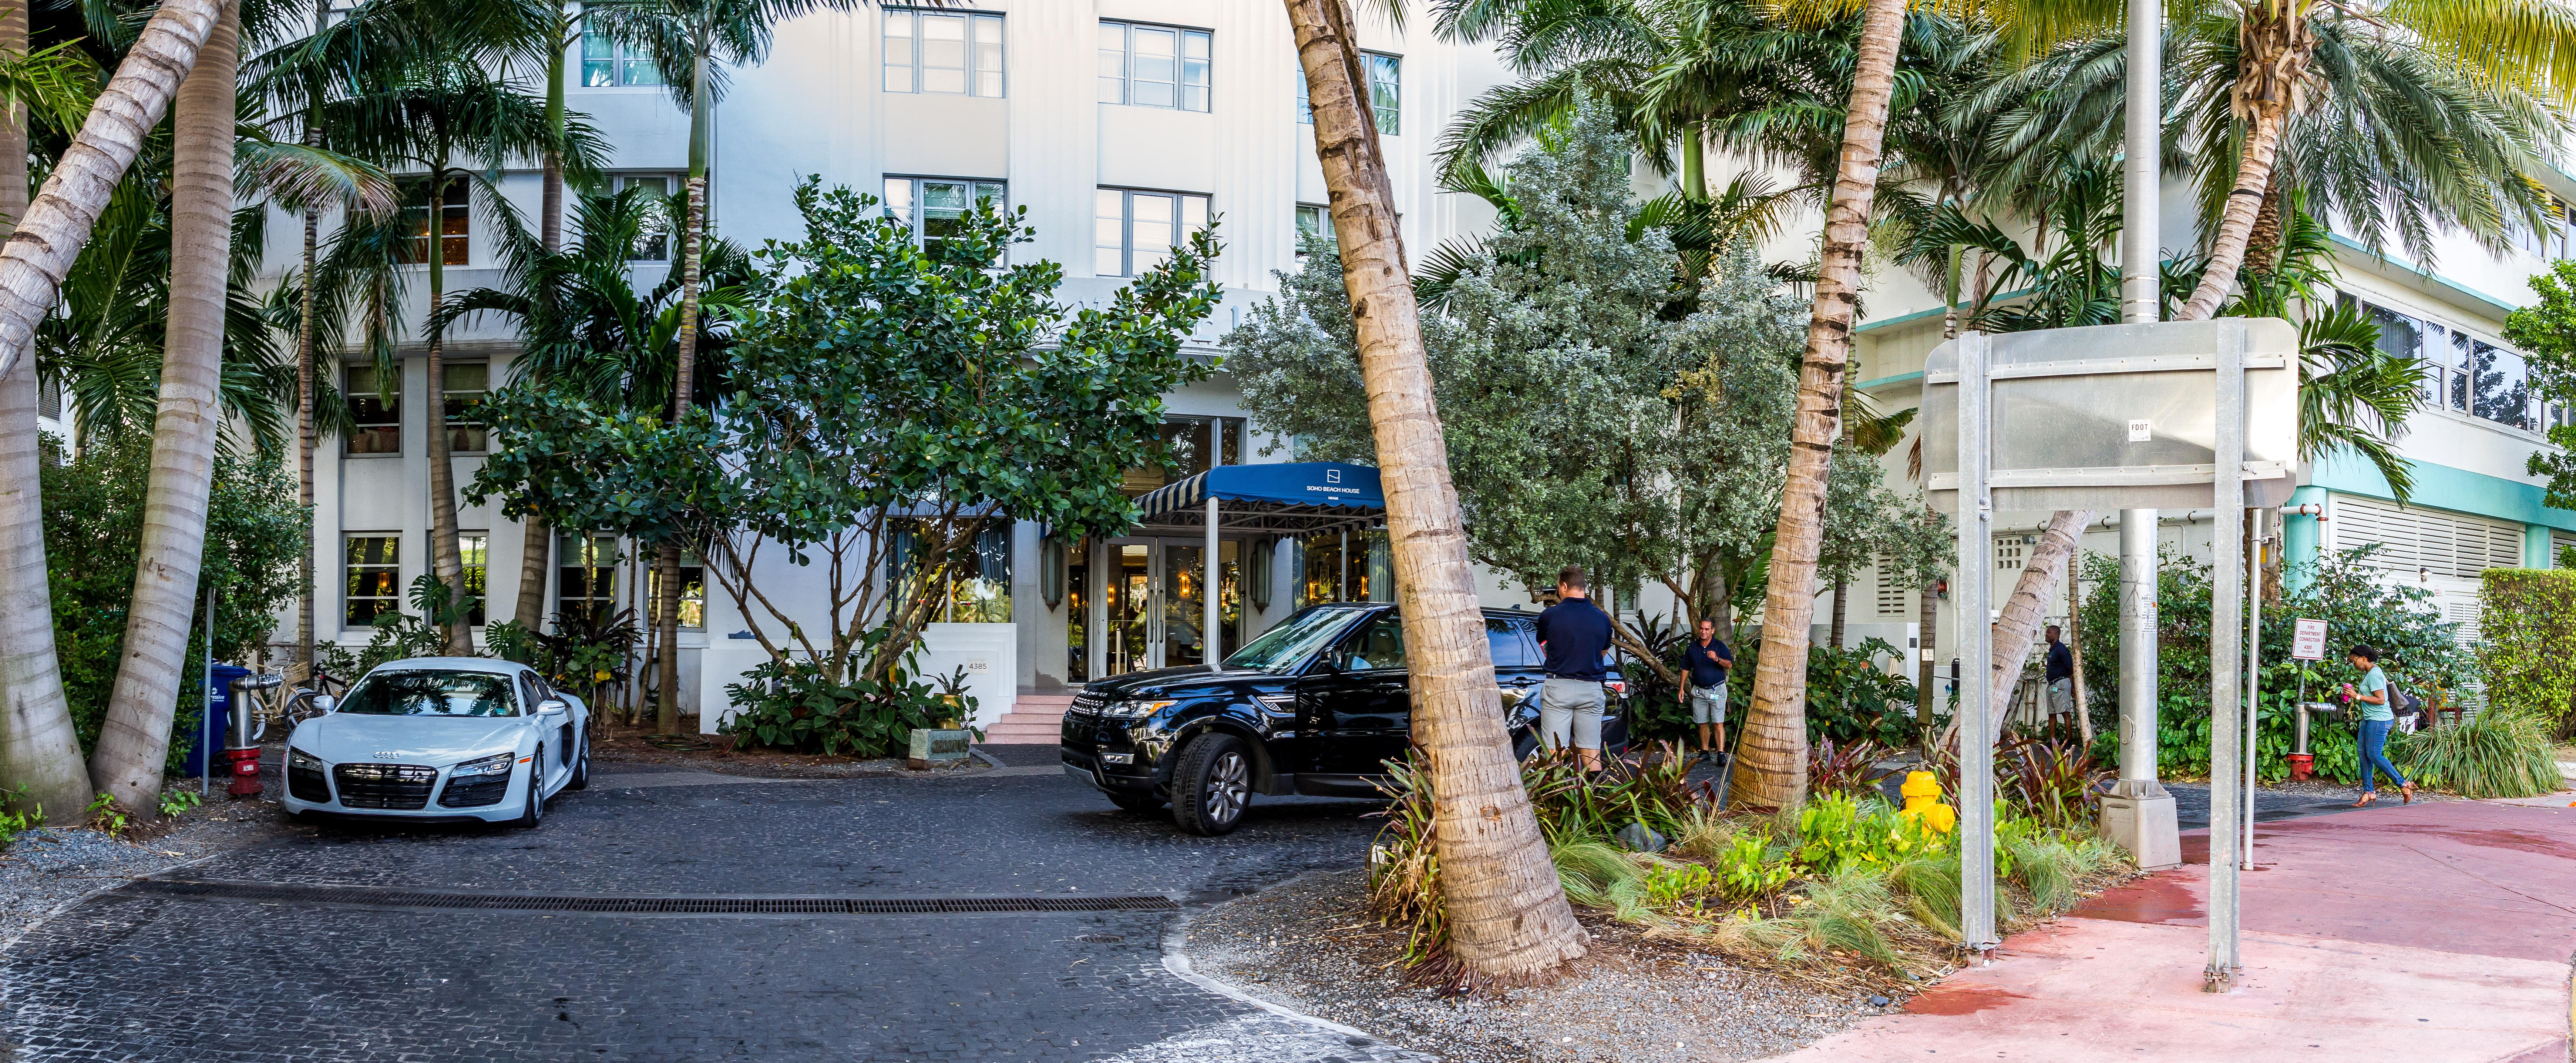 Fashion for Breakfast Cecconi Miami Beach 1